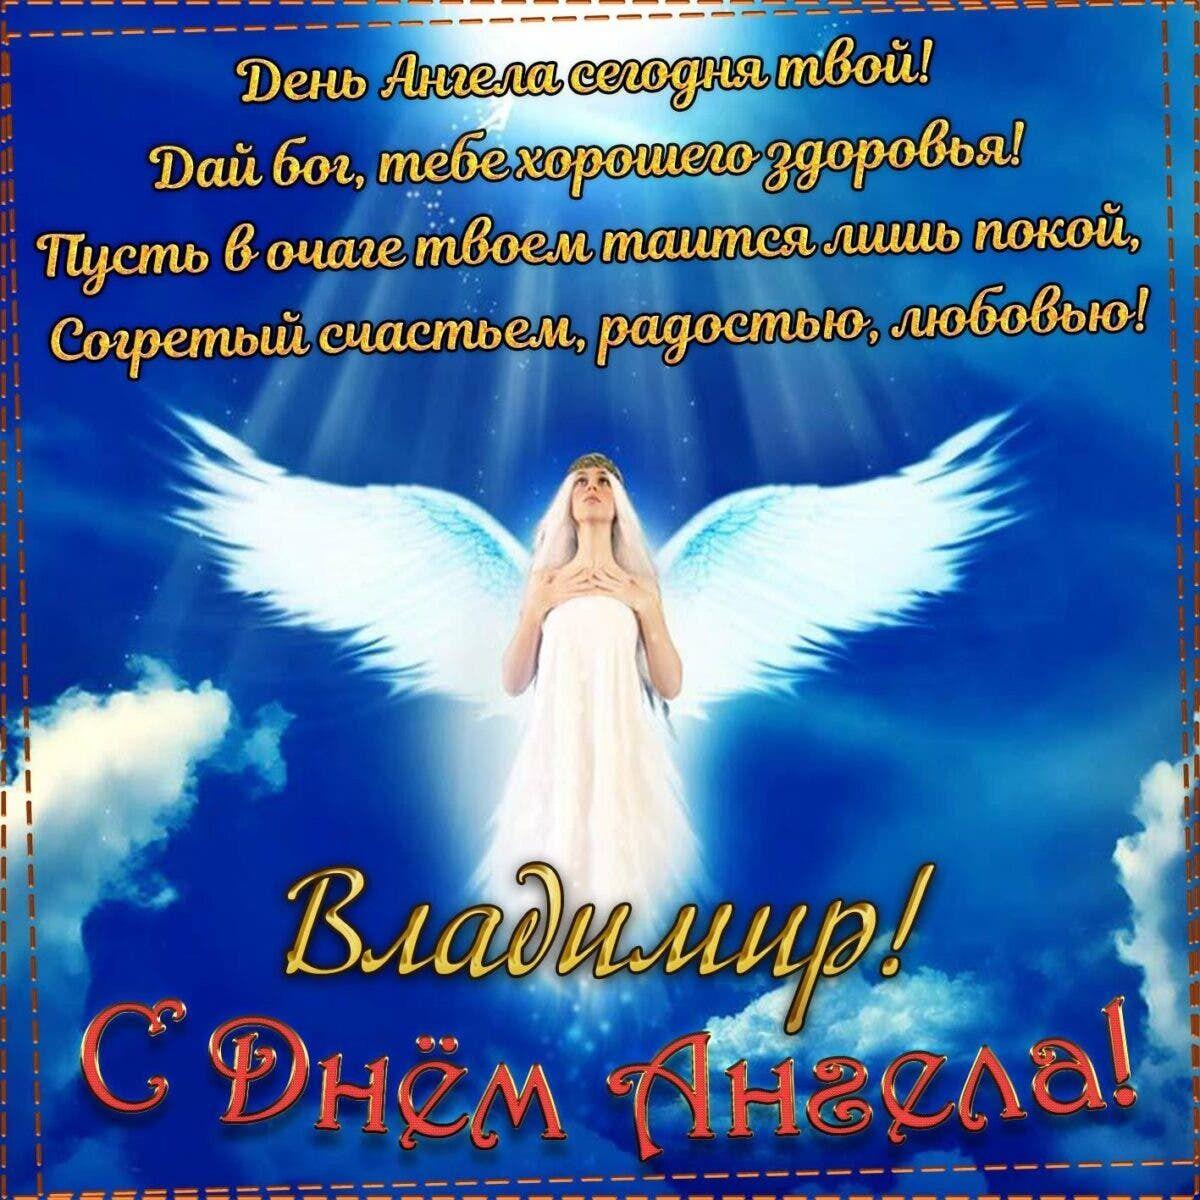 Красивое поздравление с днем ангела Владимира